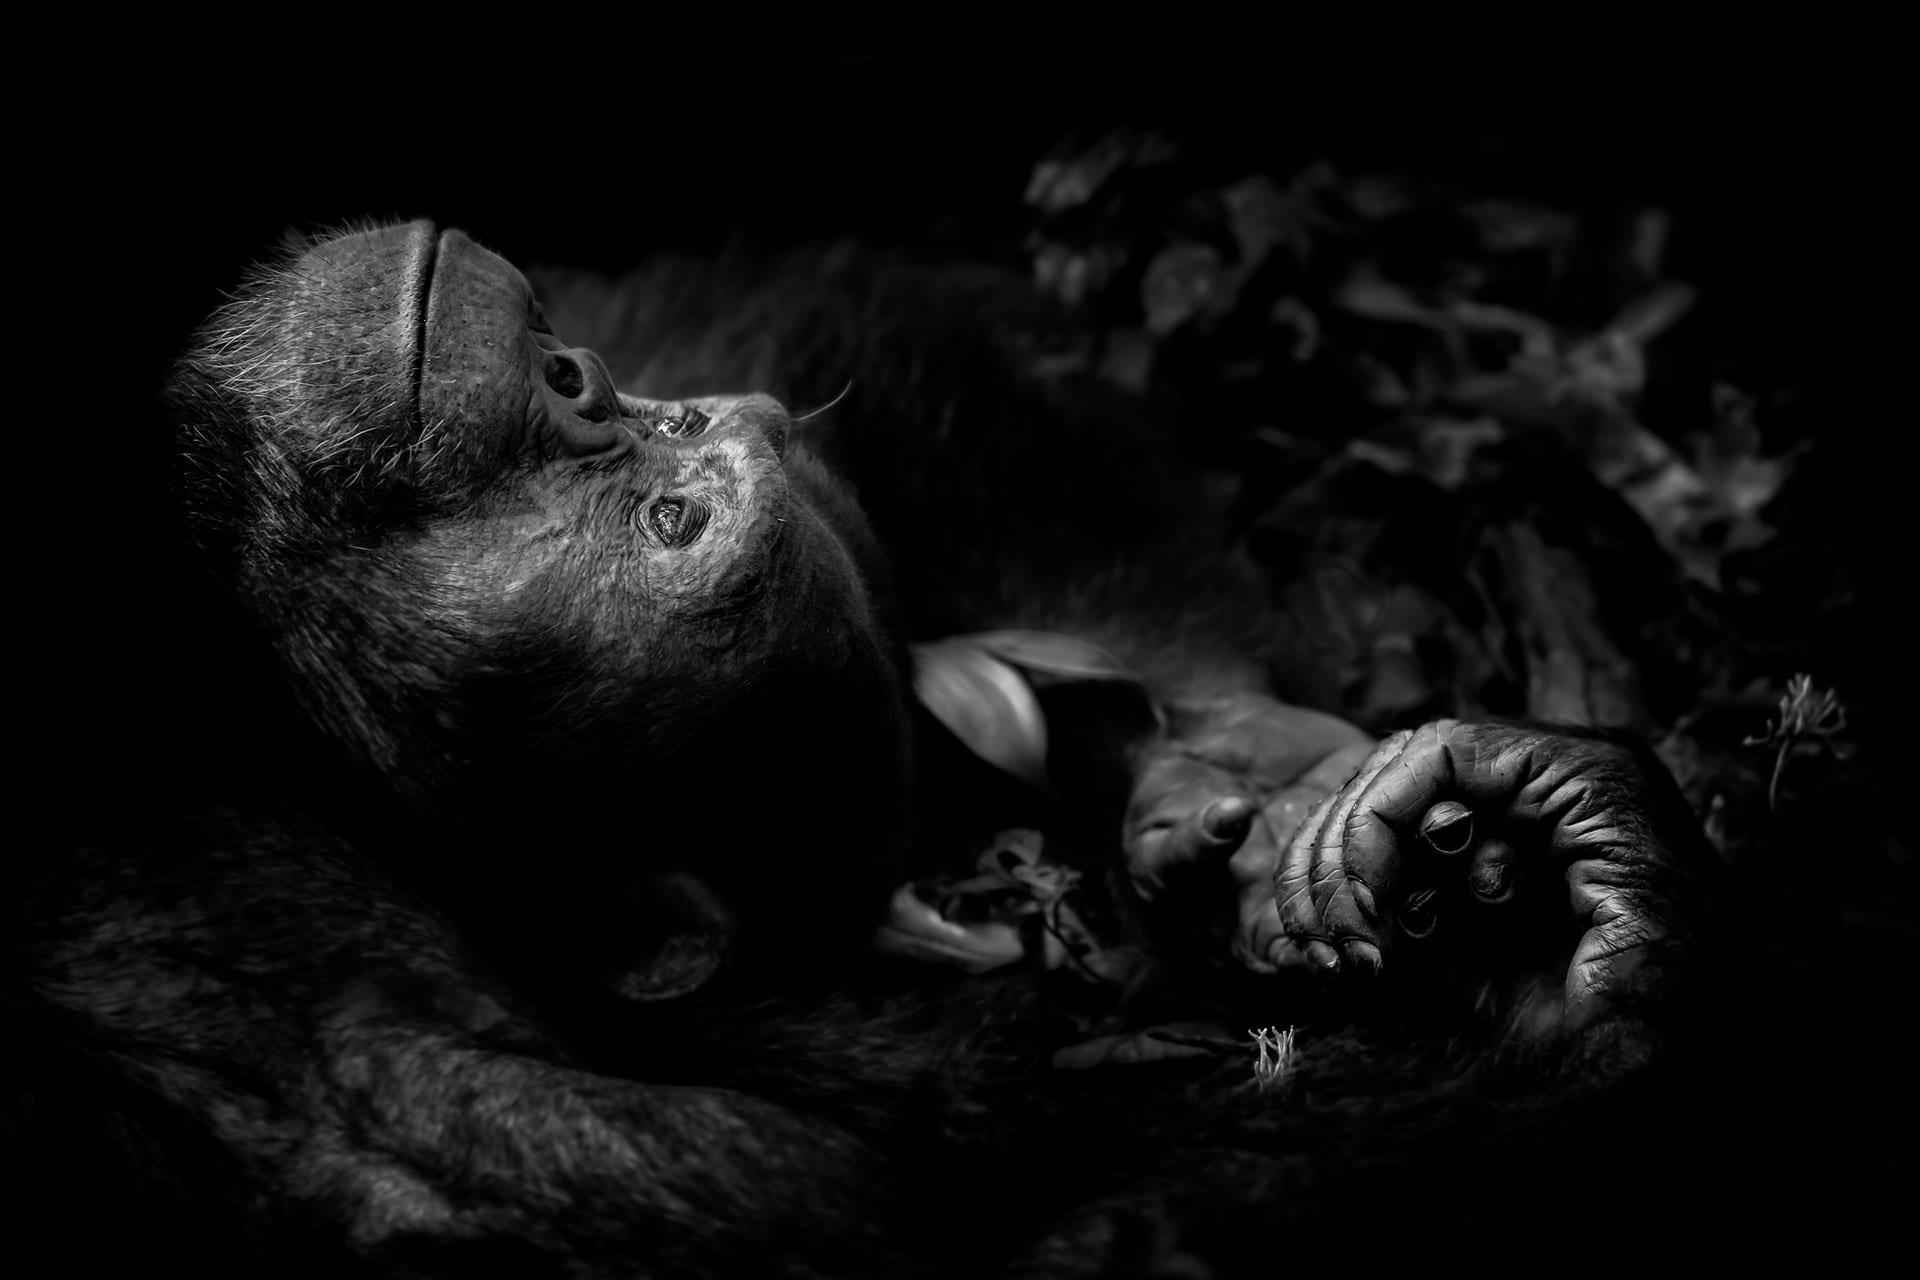 """'Contemplation', de Peter Delaney. Categoría: """"Retratos de animales"""""""